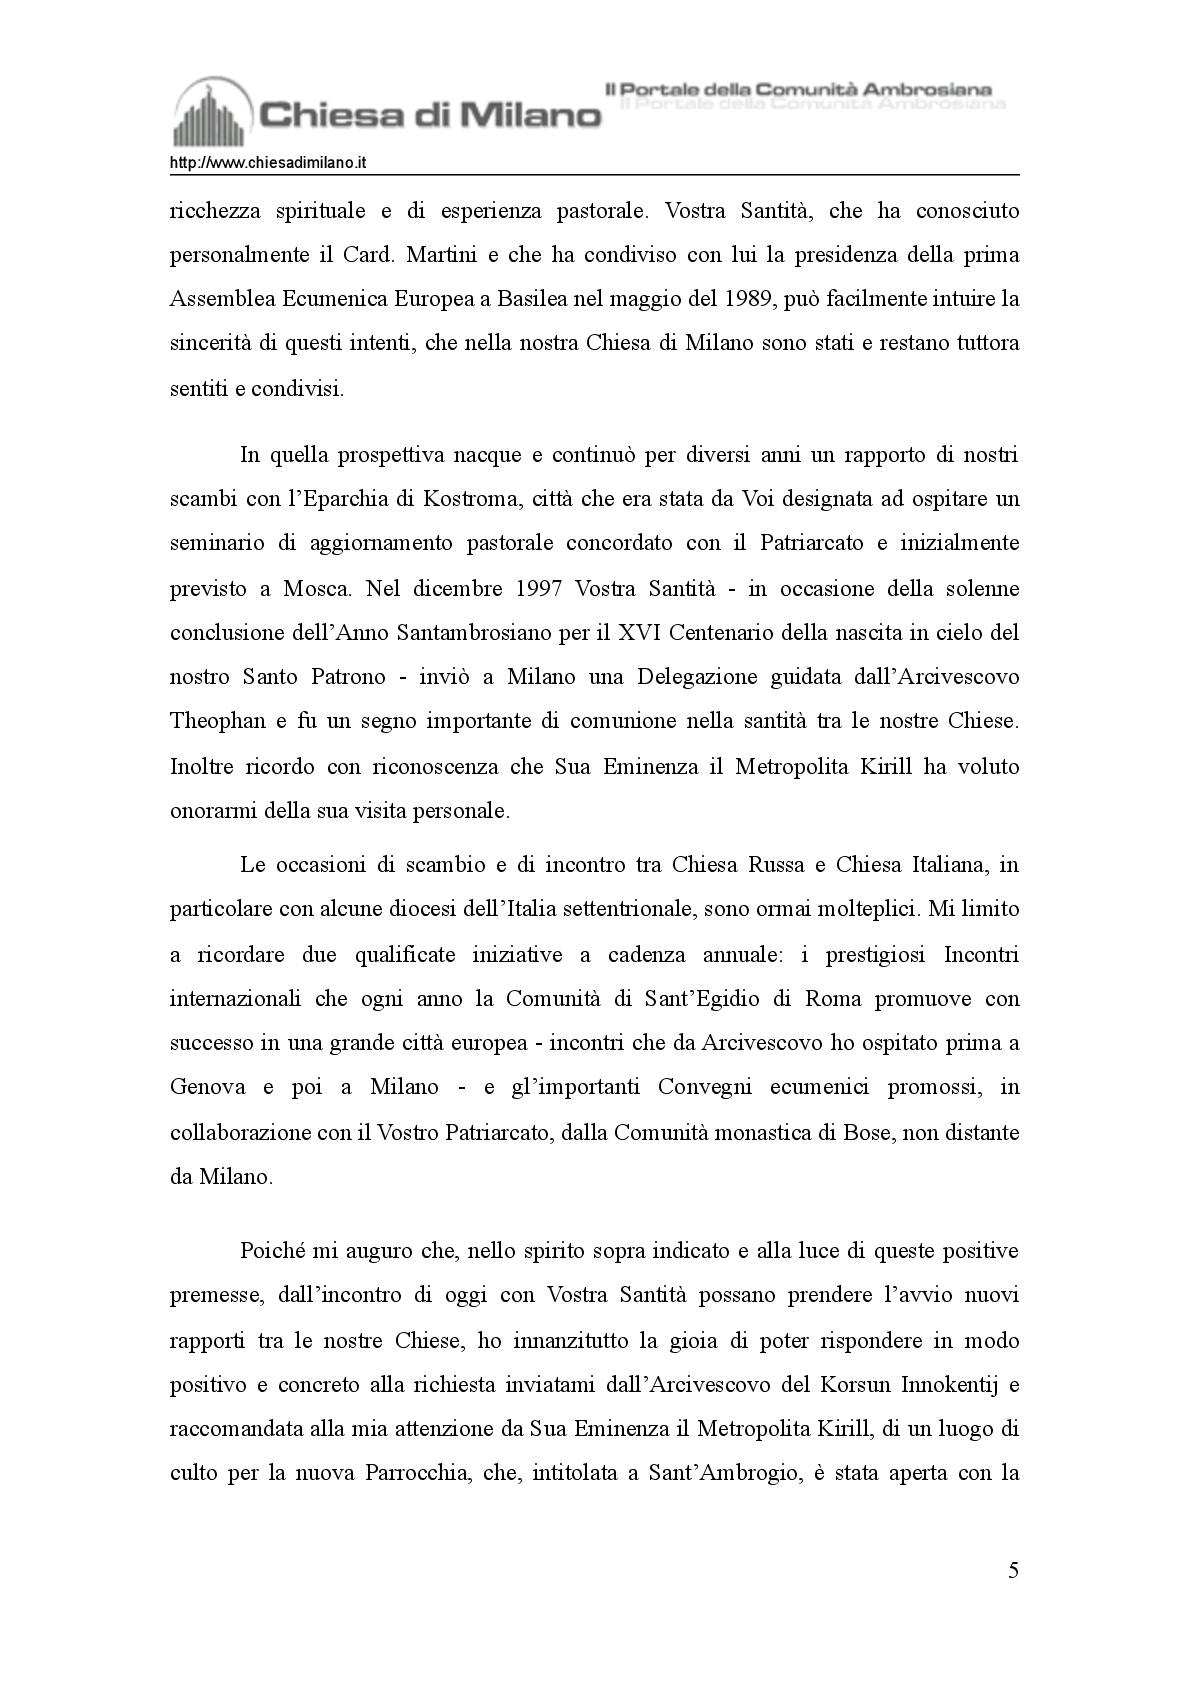 6-discorso-di-Tettamanzi-a-Mosca-005